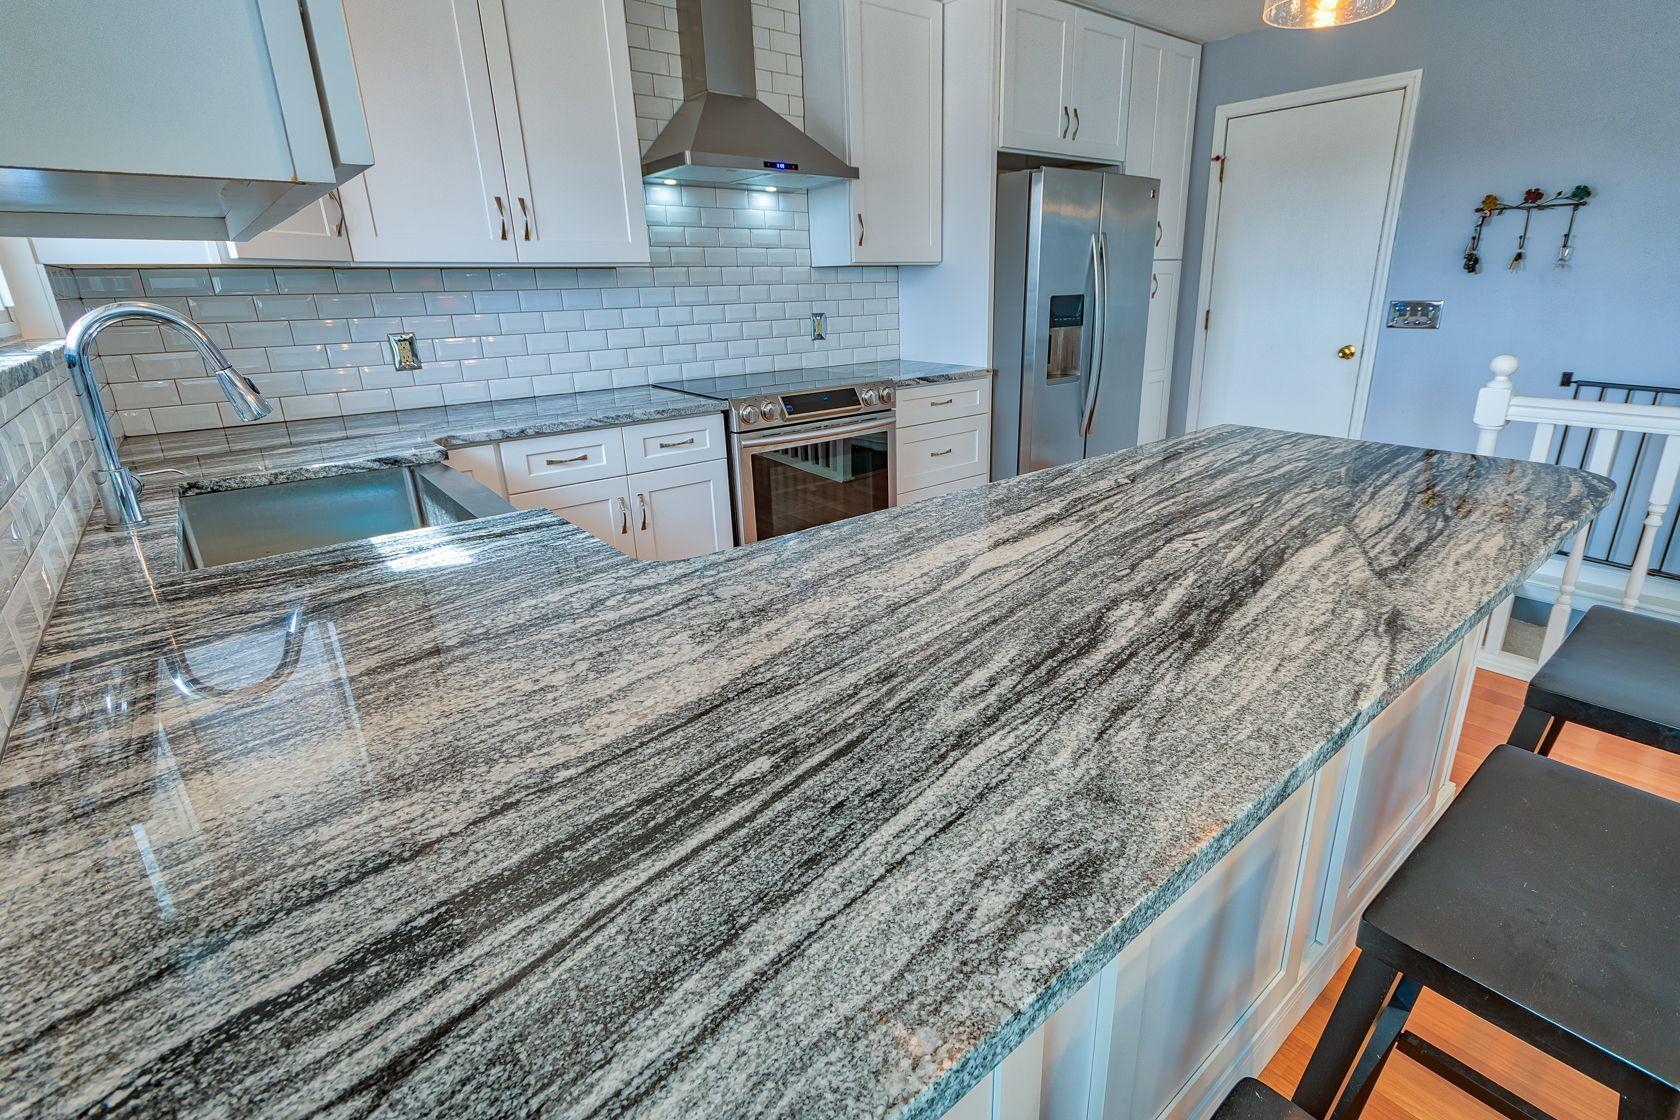 Granite Kitchen Countertops Silver Cloud Granite Cloud Countertops Granite Kitchen Silver In 2020 Granite Countertops Kitchen Granite Kitchen Countertops